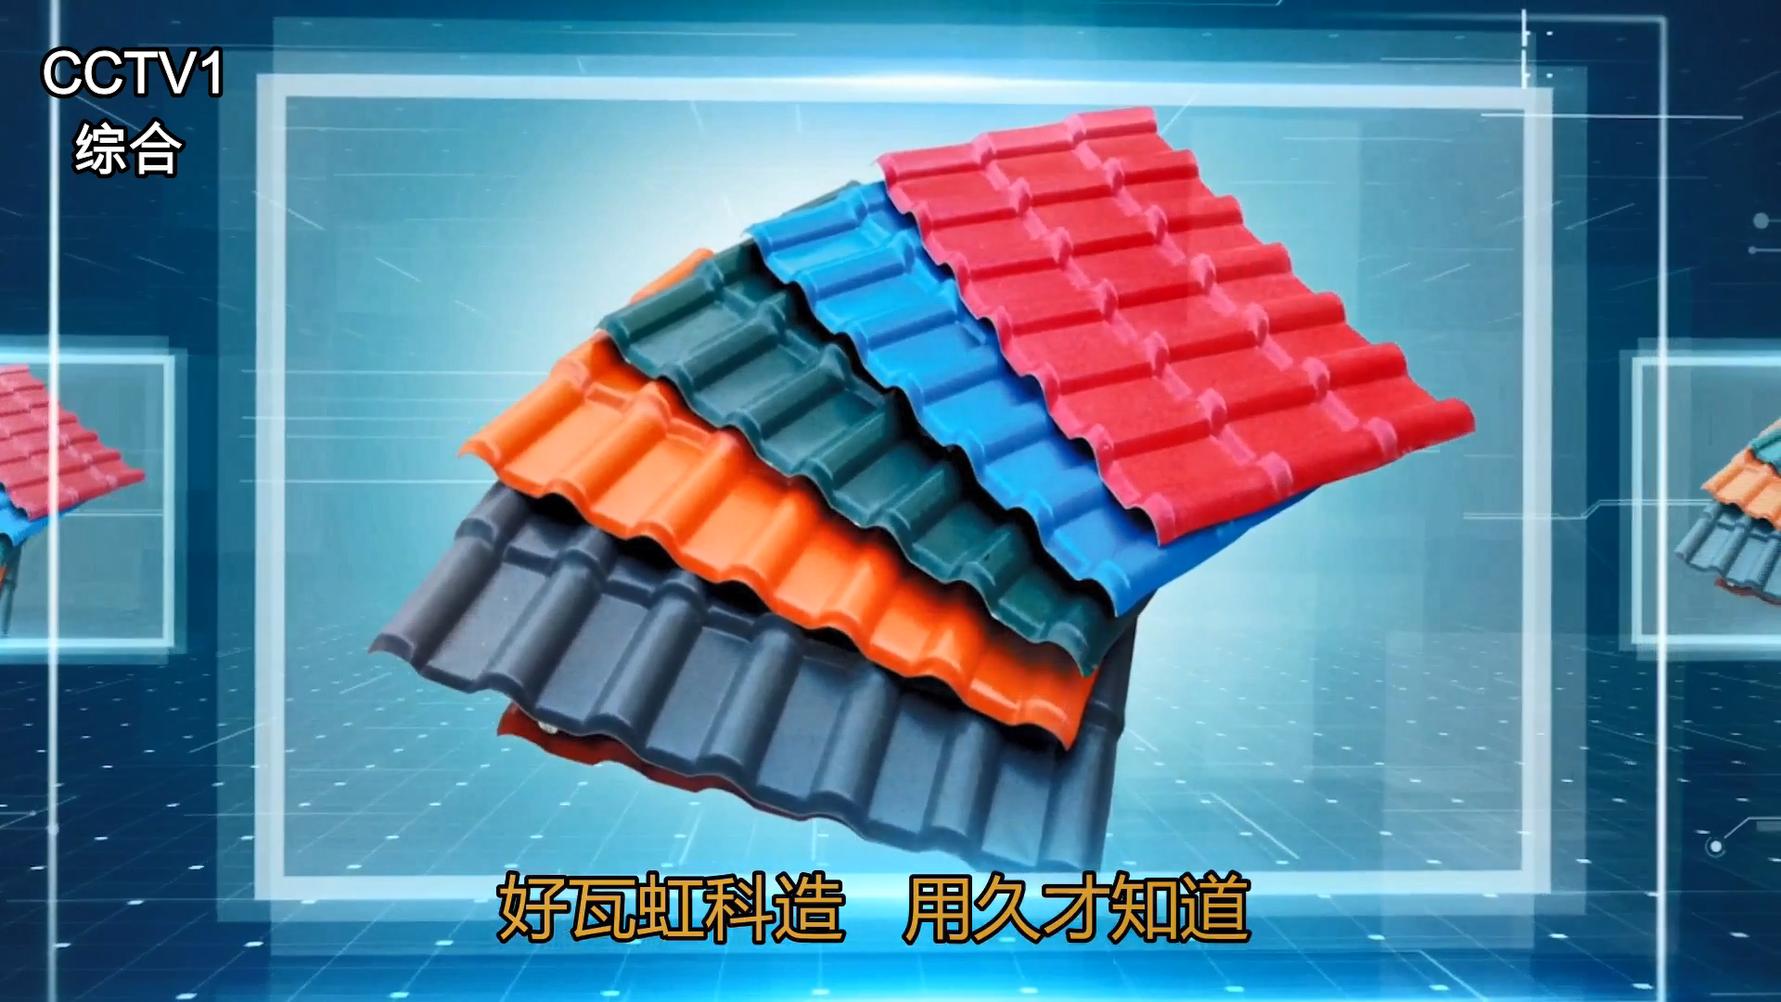 广东虹科企业央视CCTV-1强势展播宣传广告